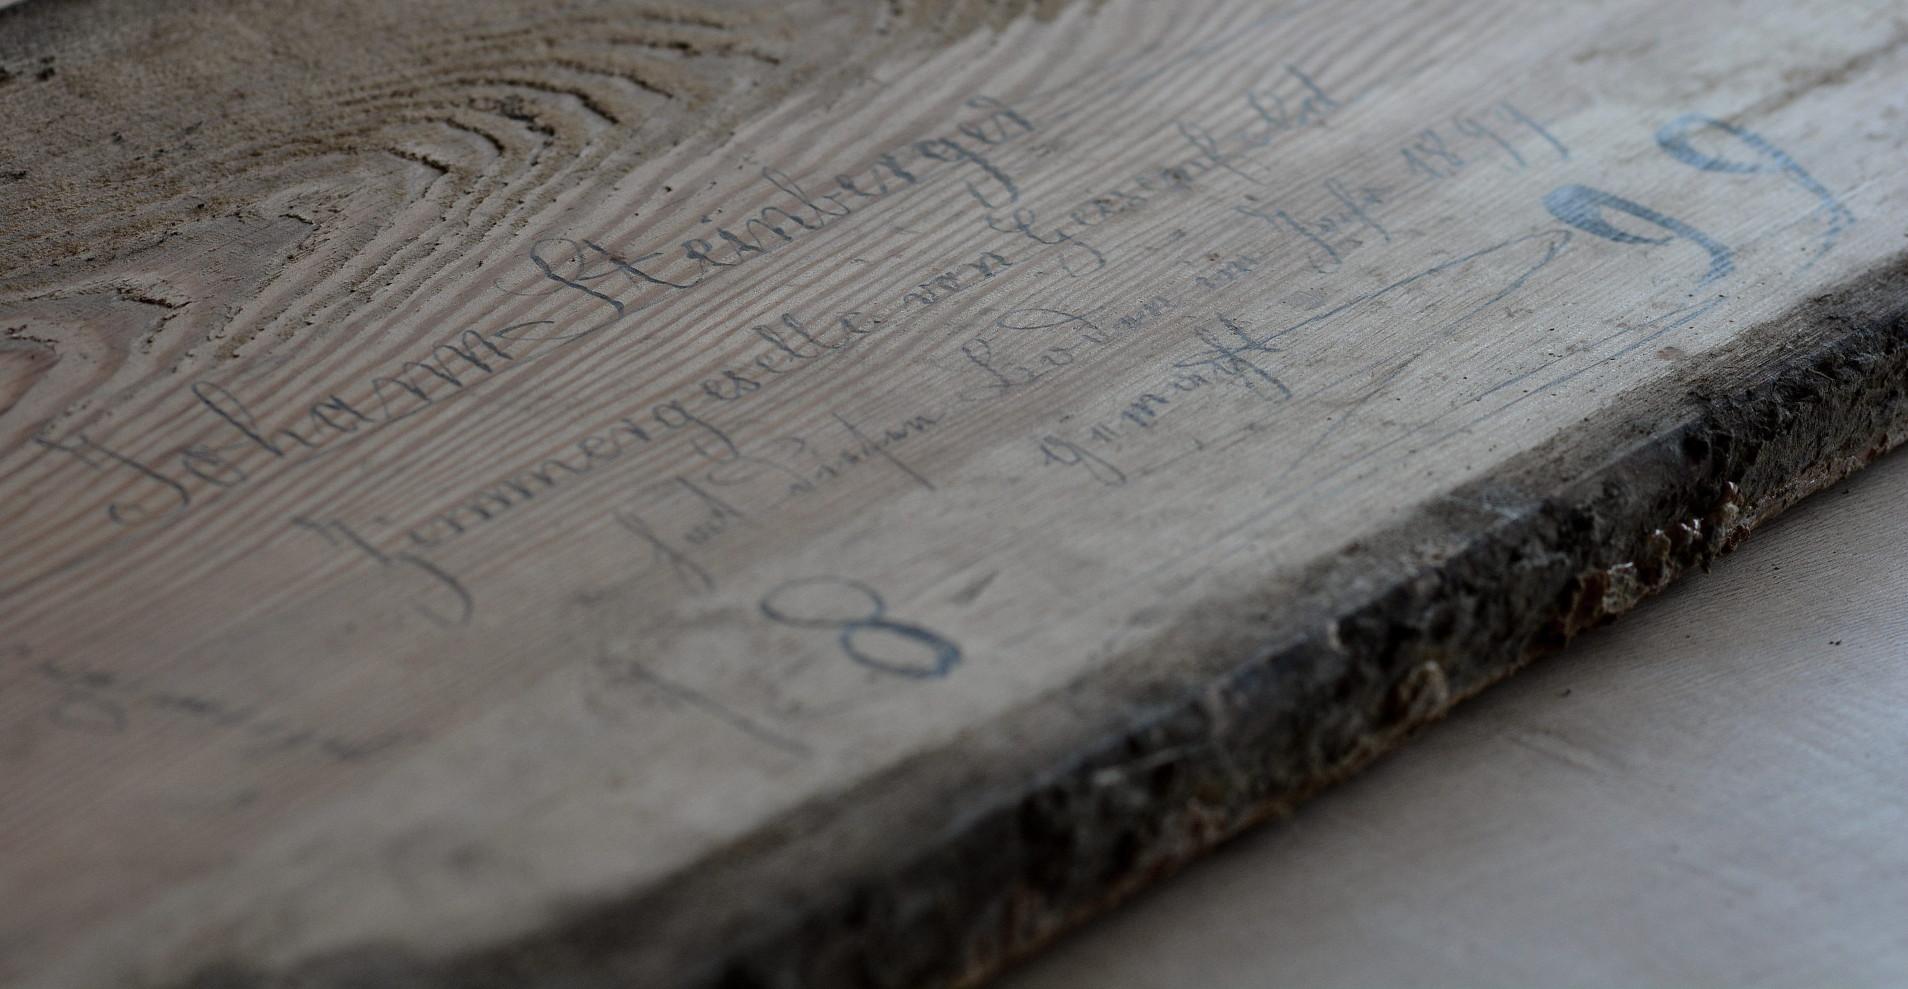 Schriftzug von Johann Steinbergervon 1899. Mit Bleistift auf Fußbodendiele geschrieben